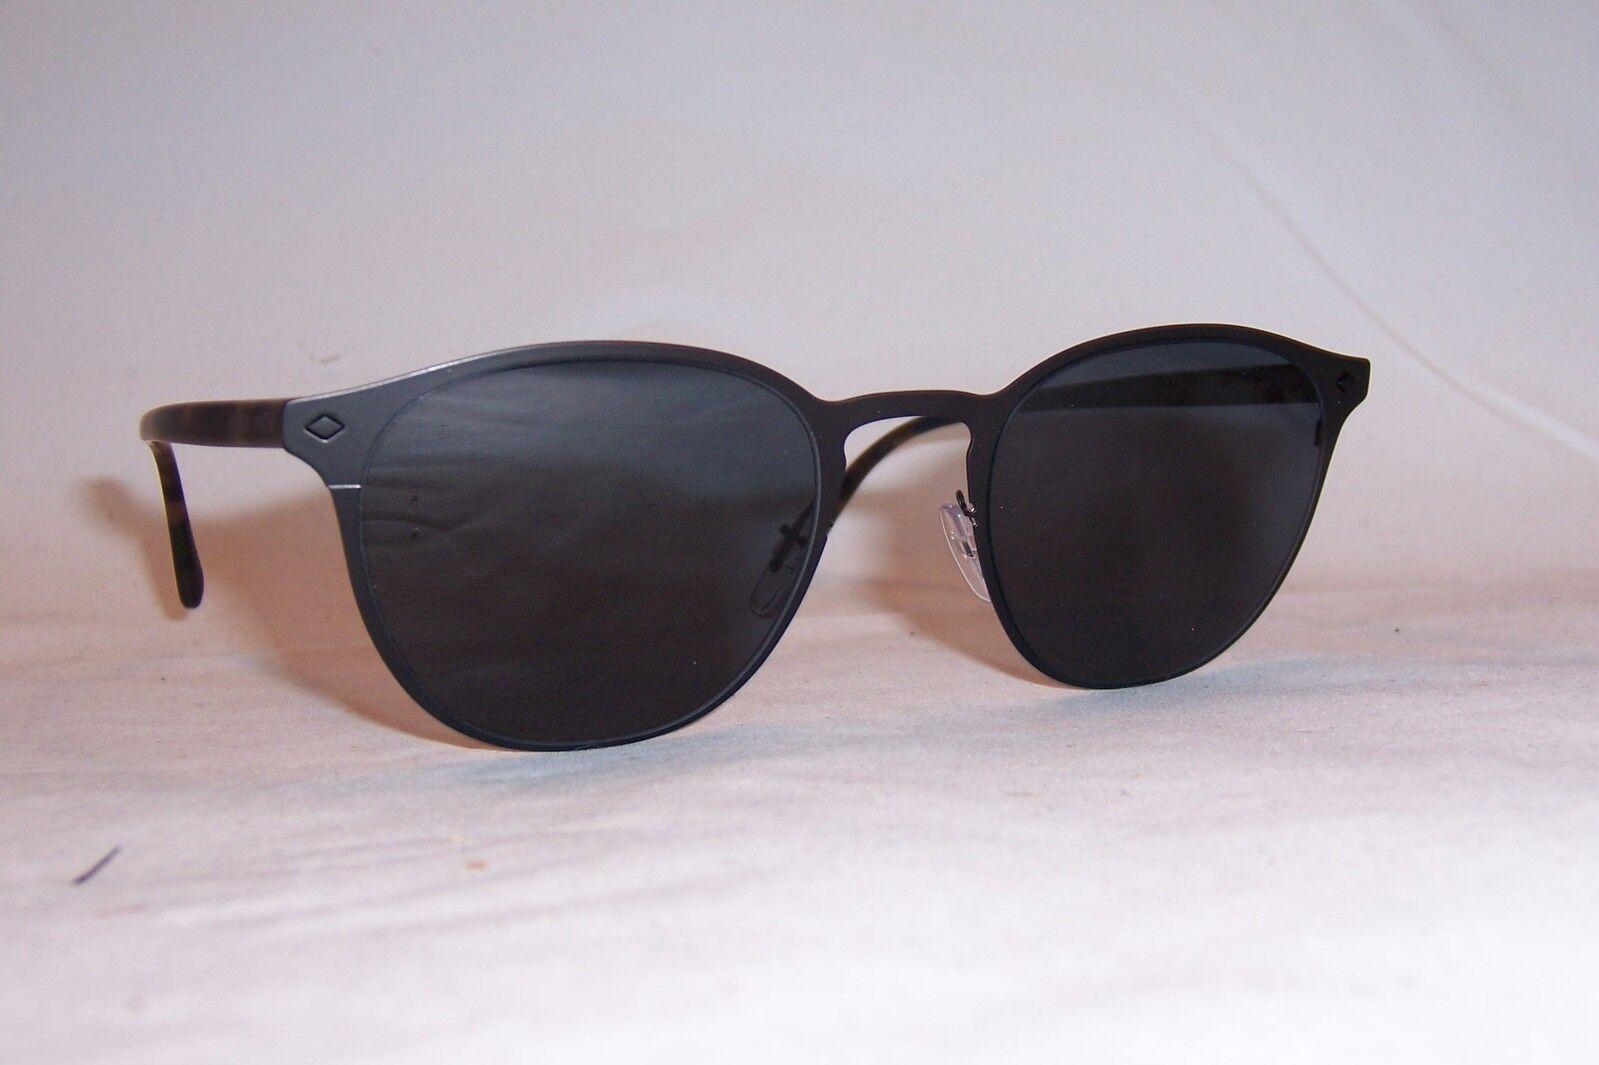 b0a5efb698 Giorgio Armani Sunglasses Ar6062 3001/87 Matte Black Frames Grey Lens 51mm